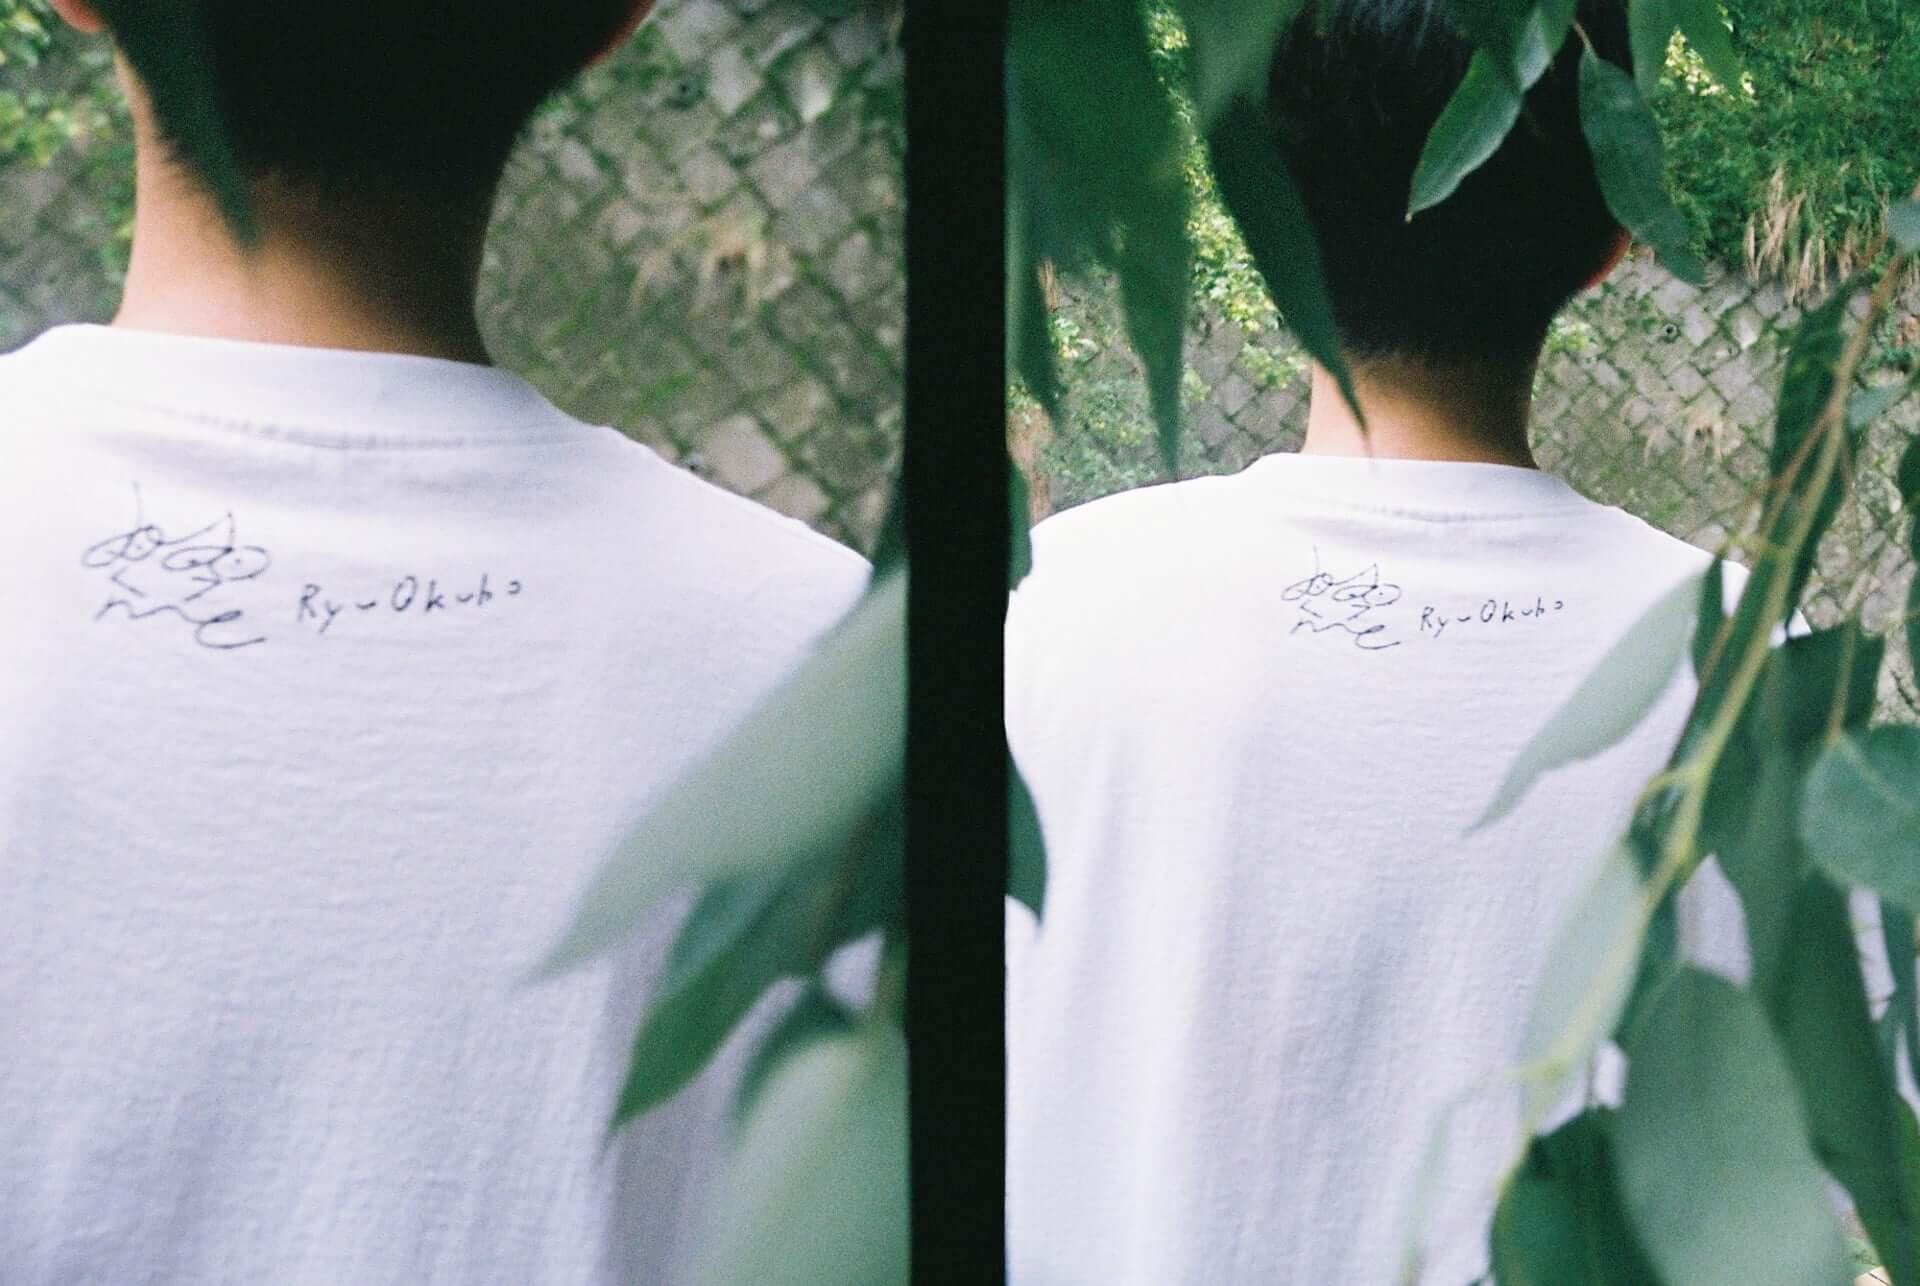 フジロック3日目に出演|新鋭ラッパー・dodo x Ryu OkuboによるコラボTシャツが本日から予約開始 lifefashion190726dodo_4-1920x1286